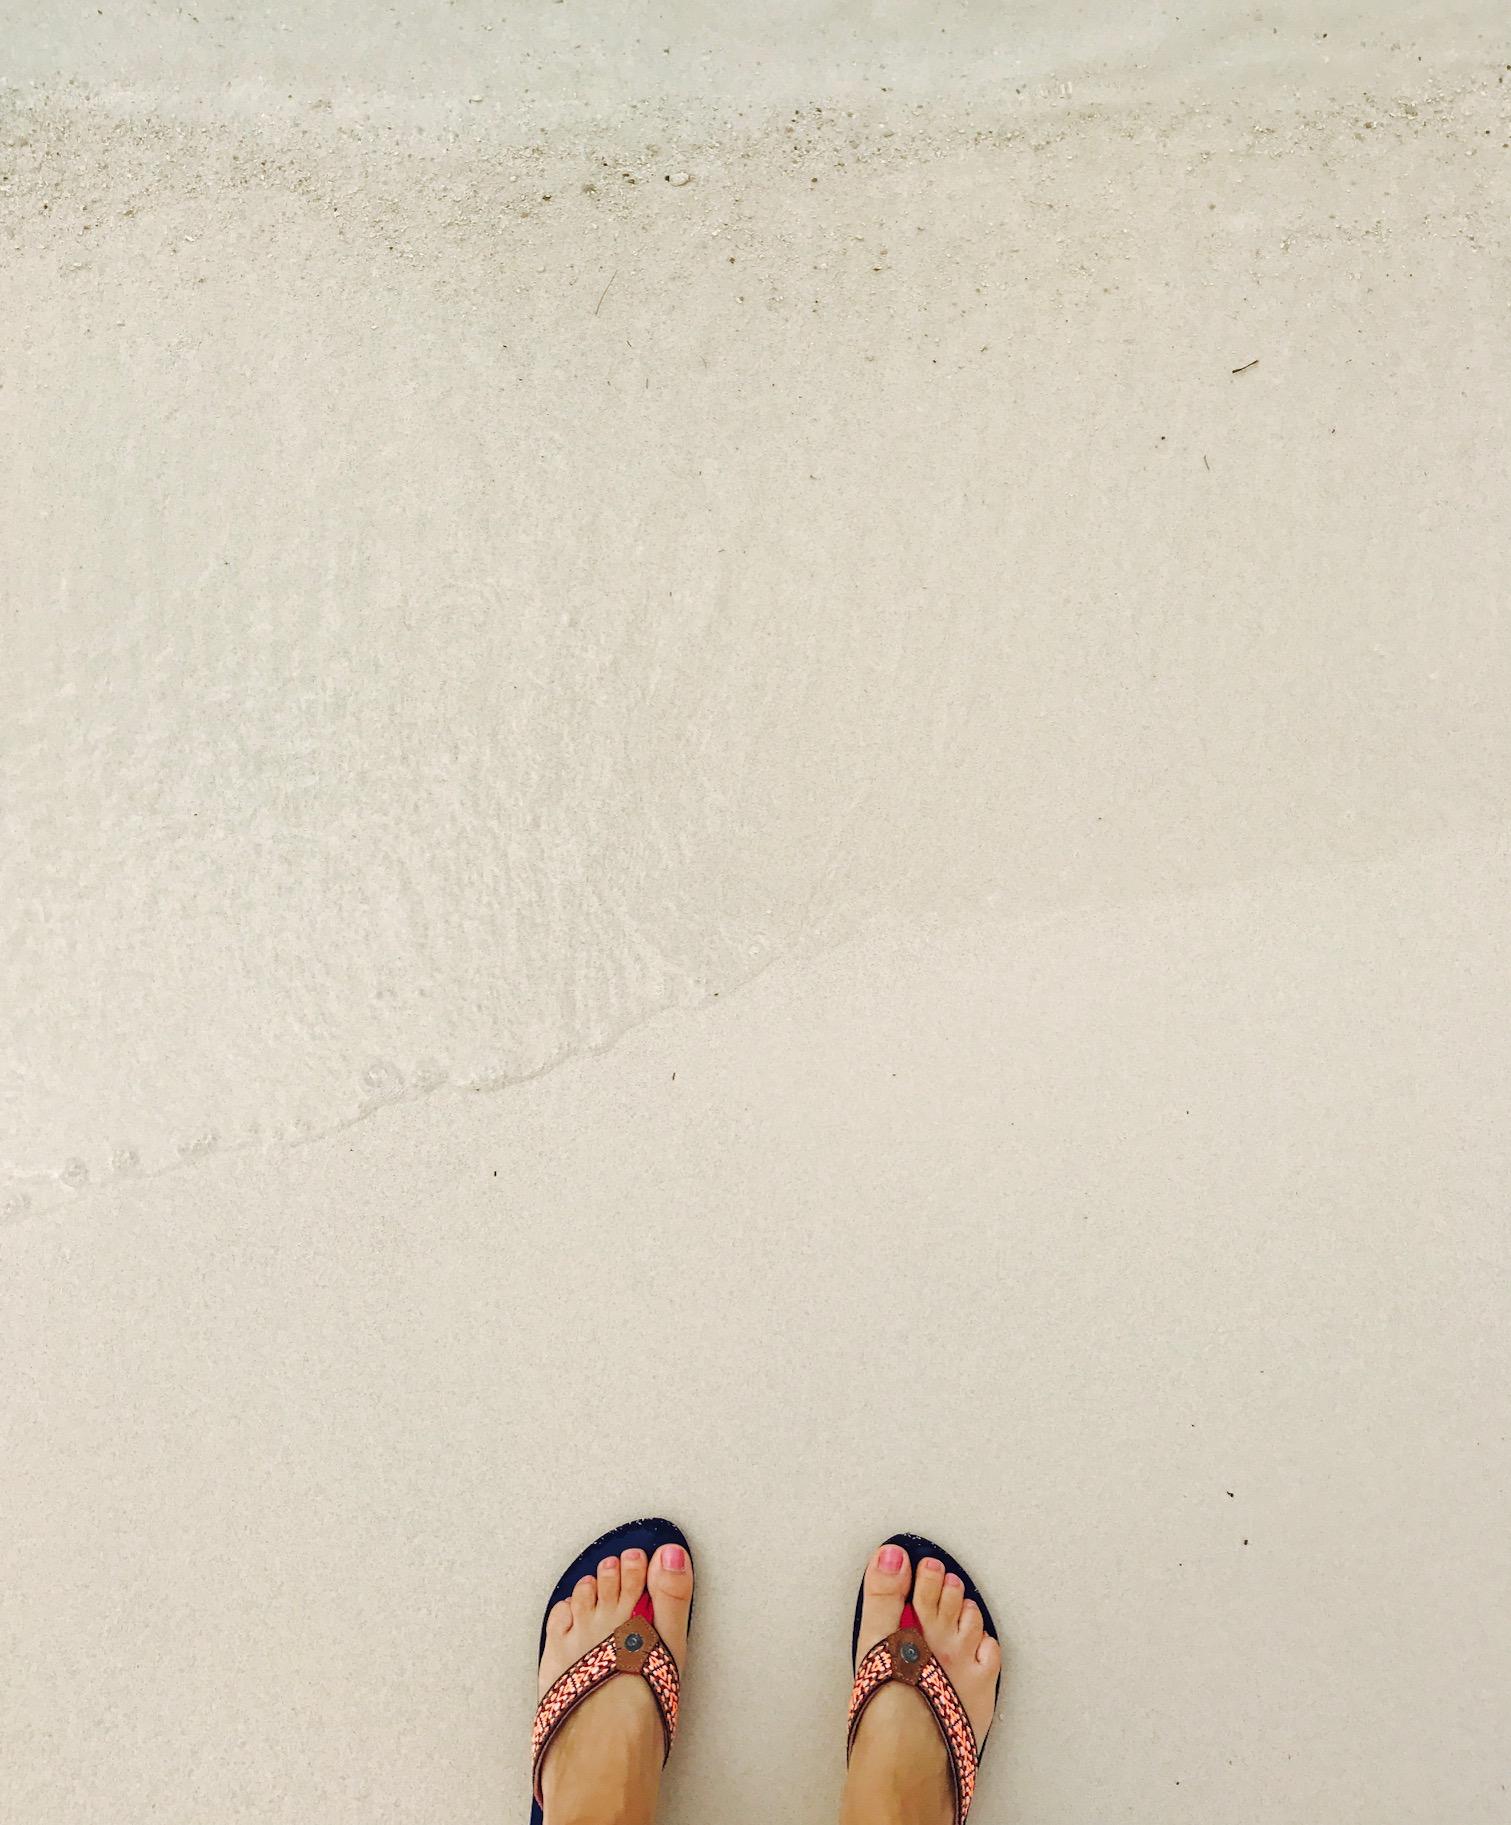 Zwei Füße auf weißem Sand am Ksamil Beach, Albanien